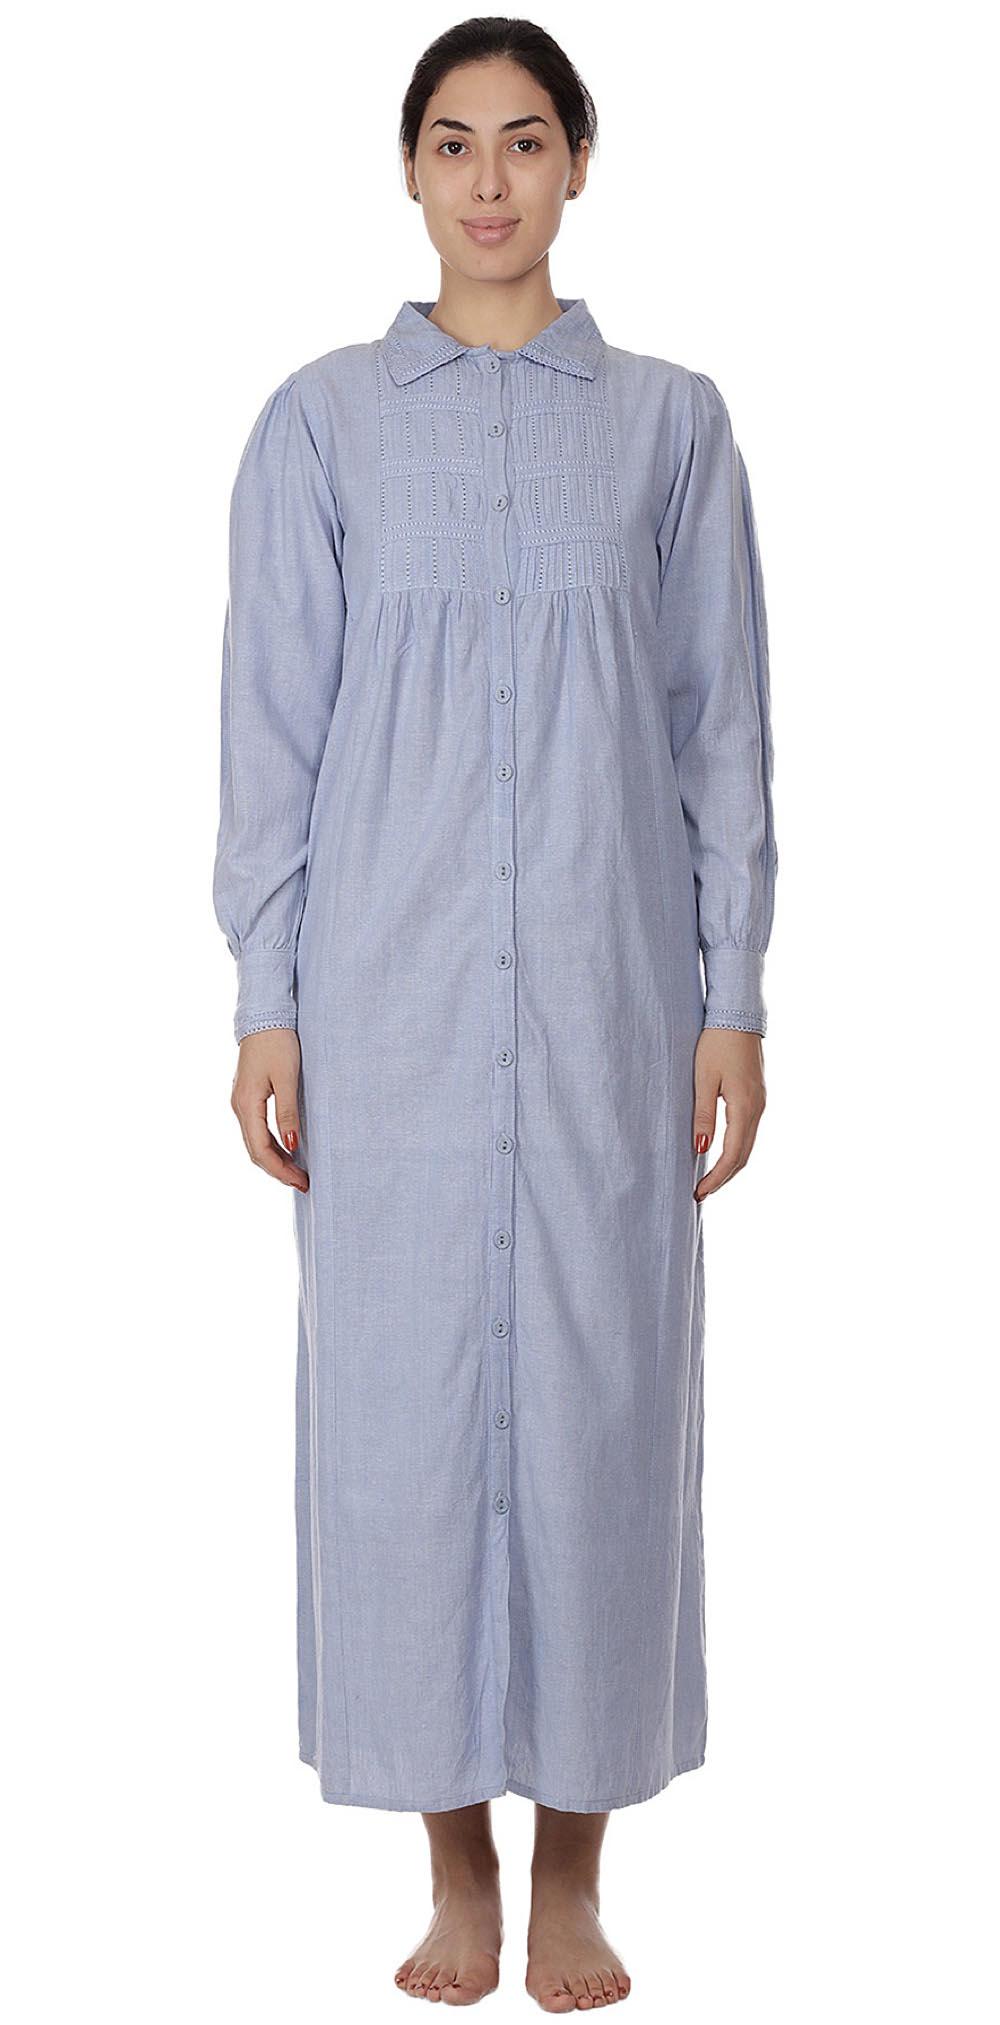 Plus Size Chambray Nightgown   Cotton Lane